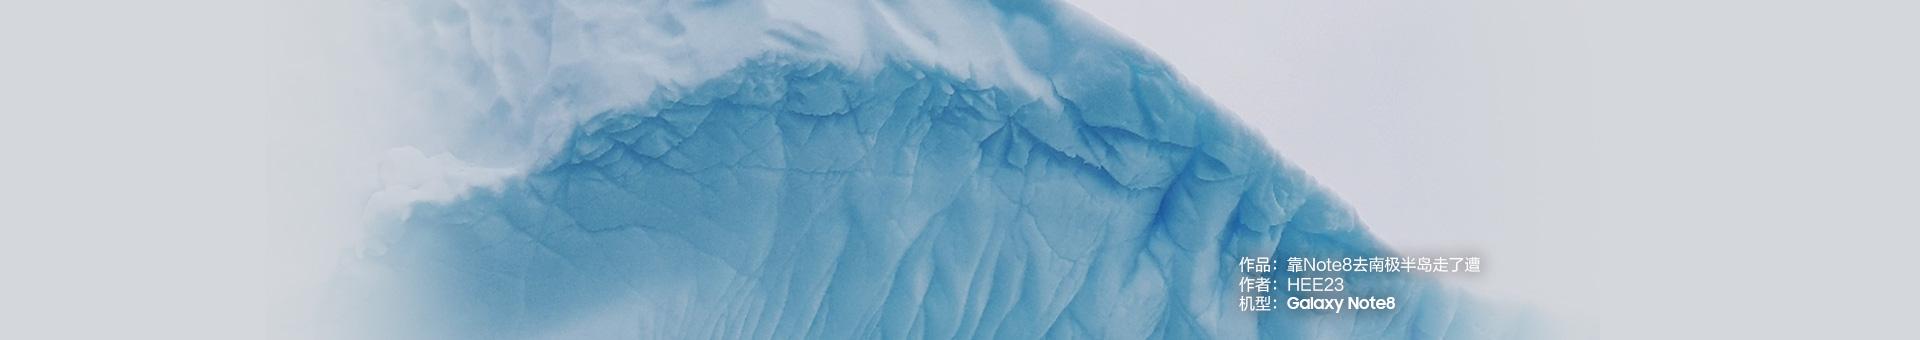 靠Note8去南极半岛走了遭